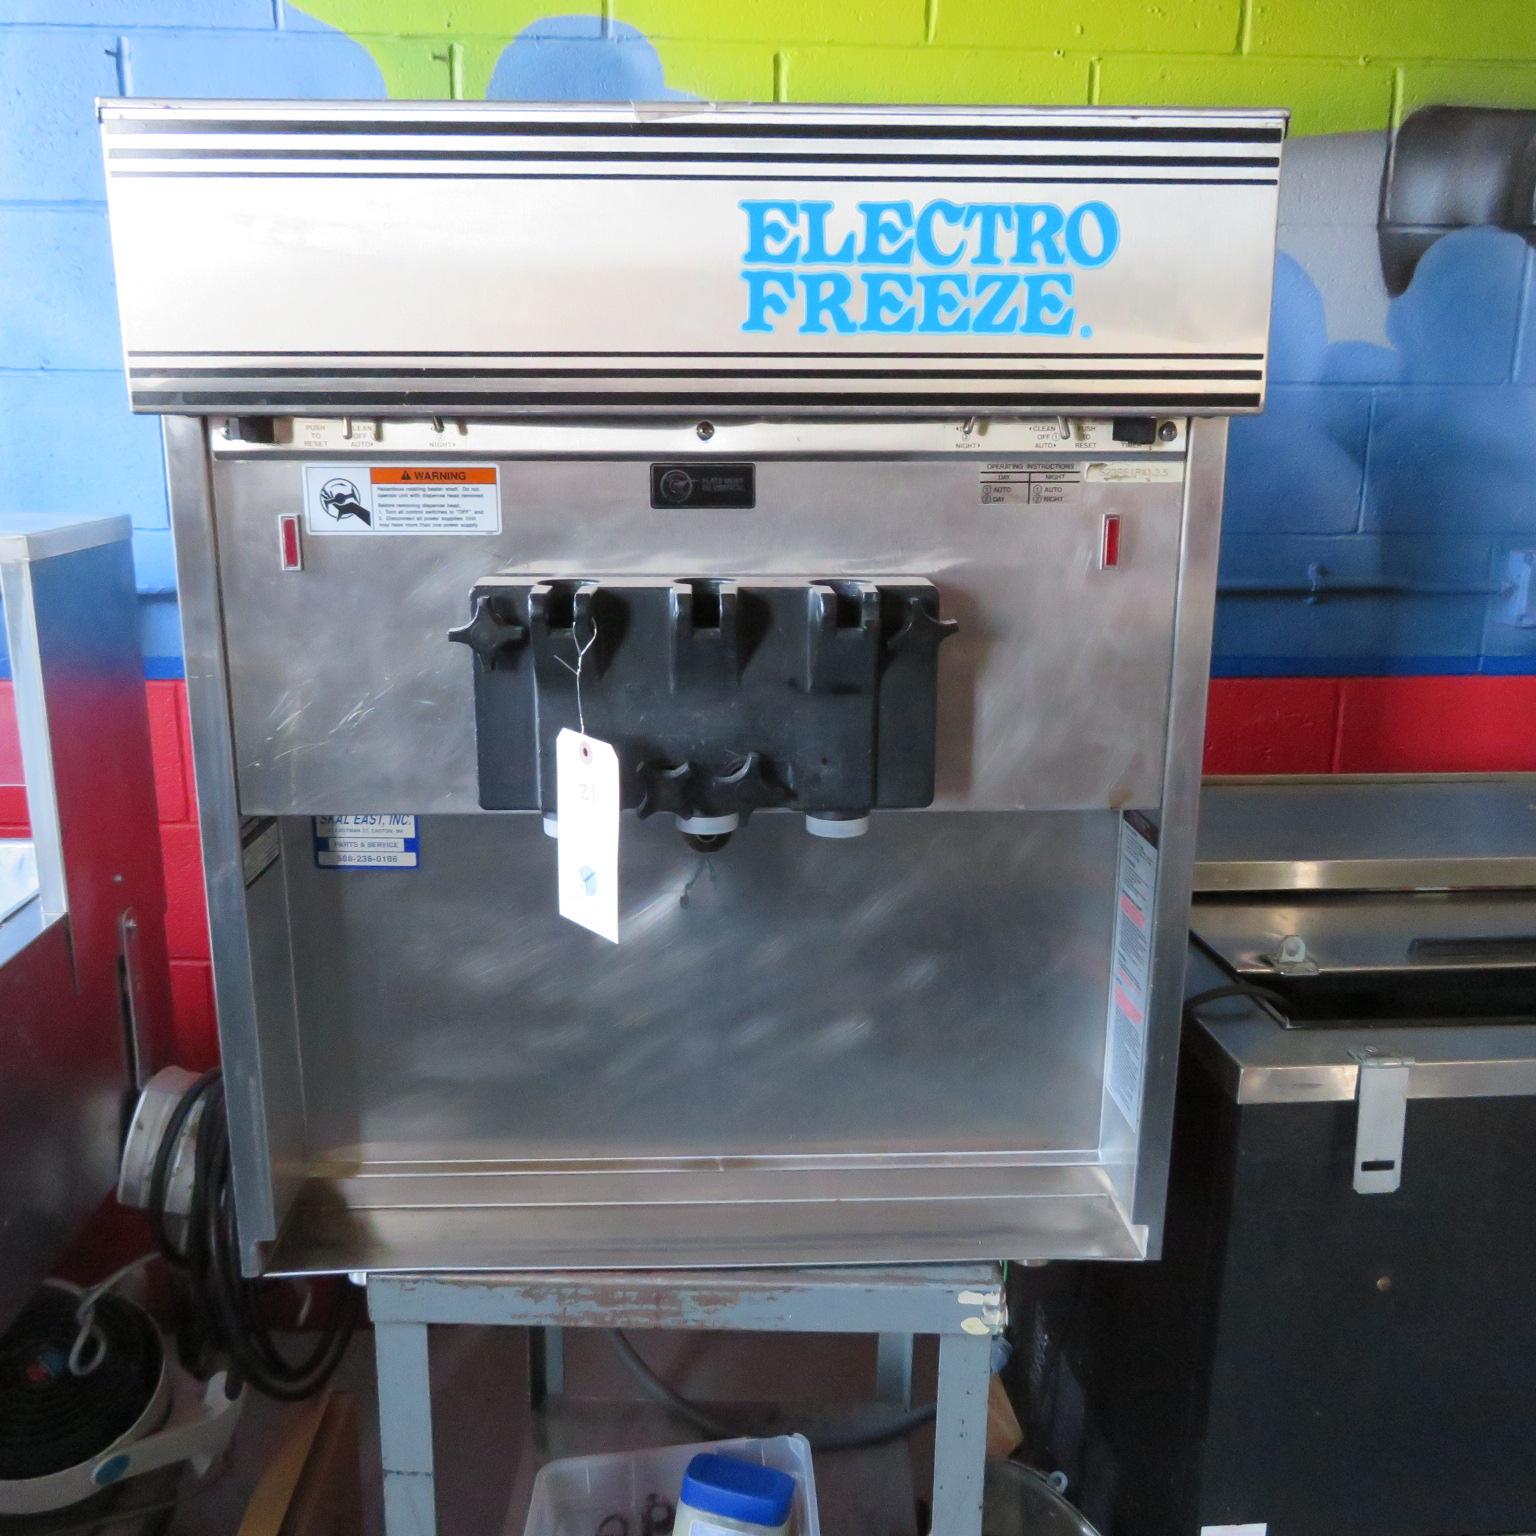 Electro Freeze #55TF-232 3 Phase 2 Flavor w/ Twist Soft Server Machine